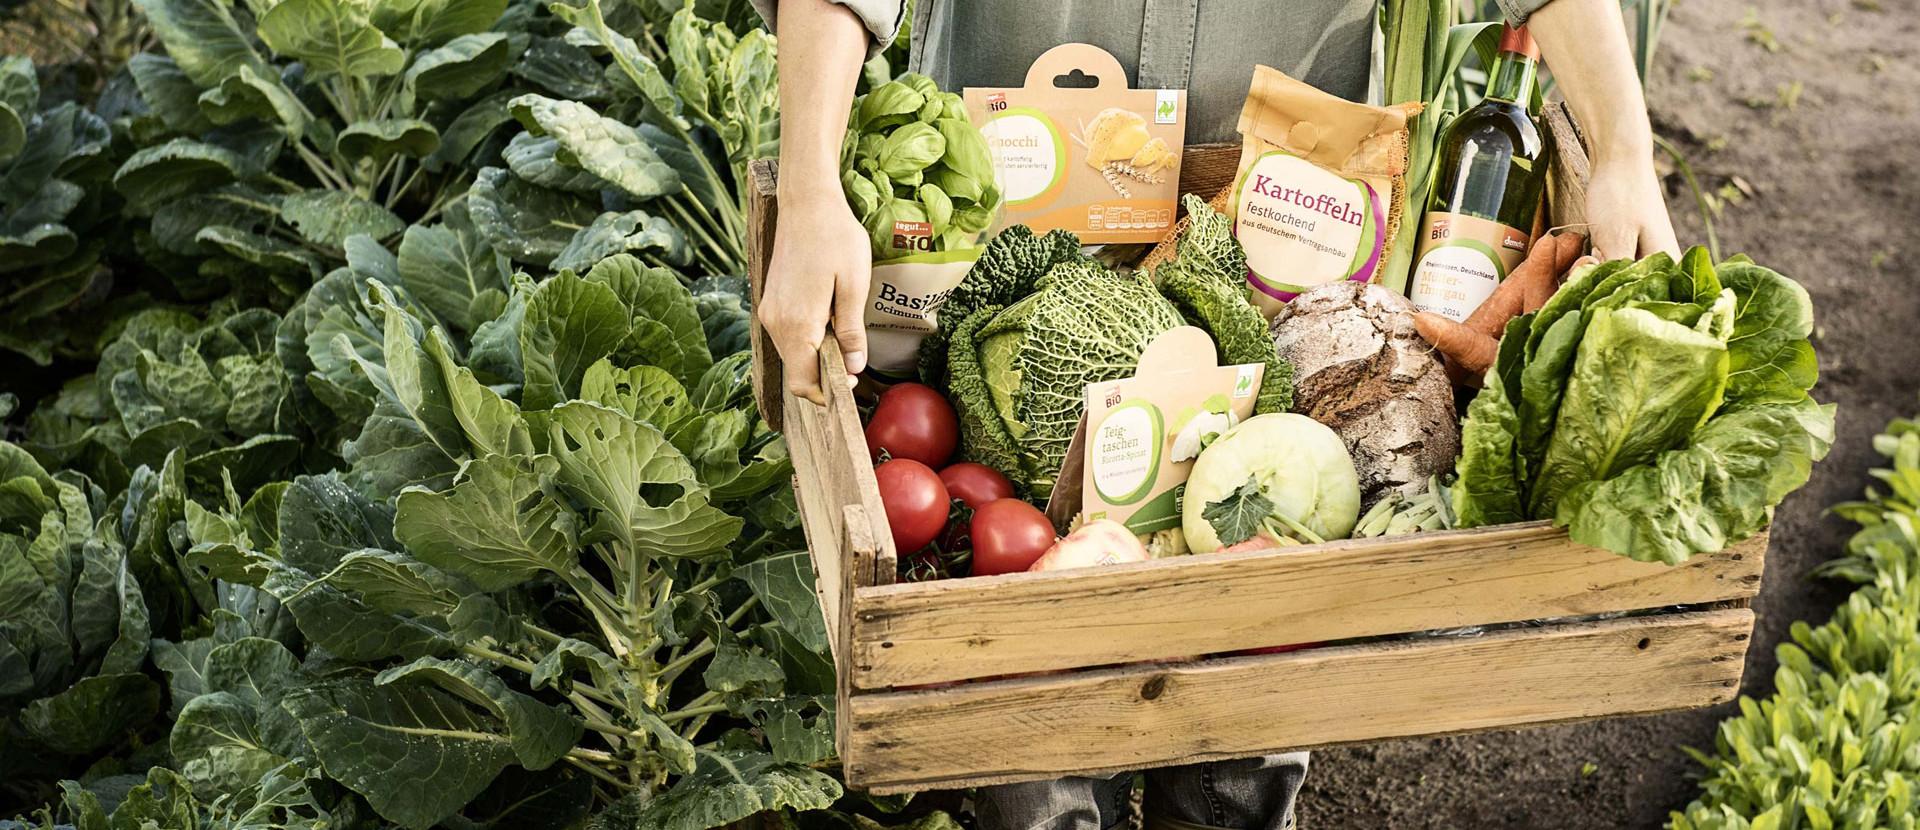 Bauer mit Kiste mit Bio-Produkten auf einem Feld